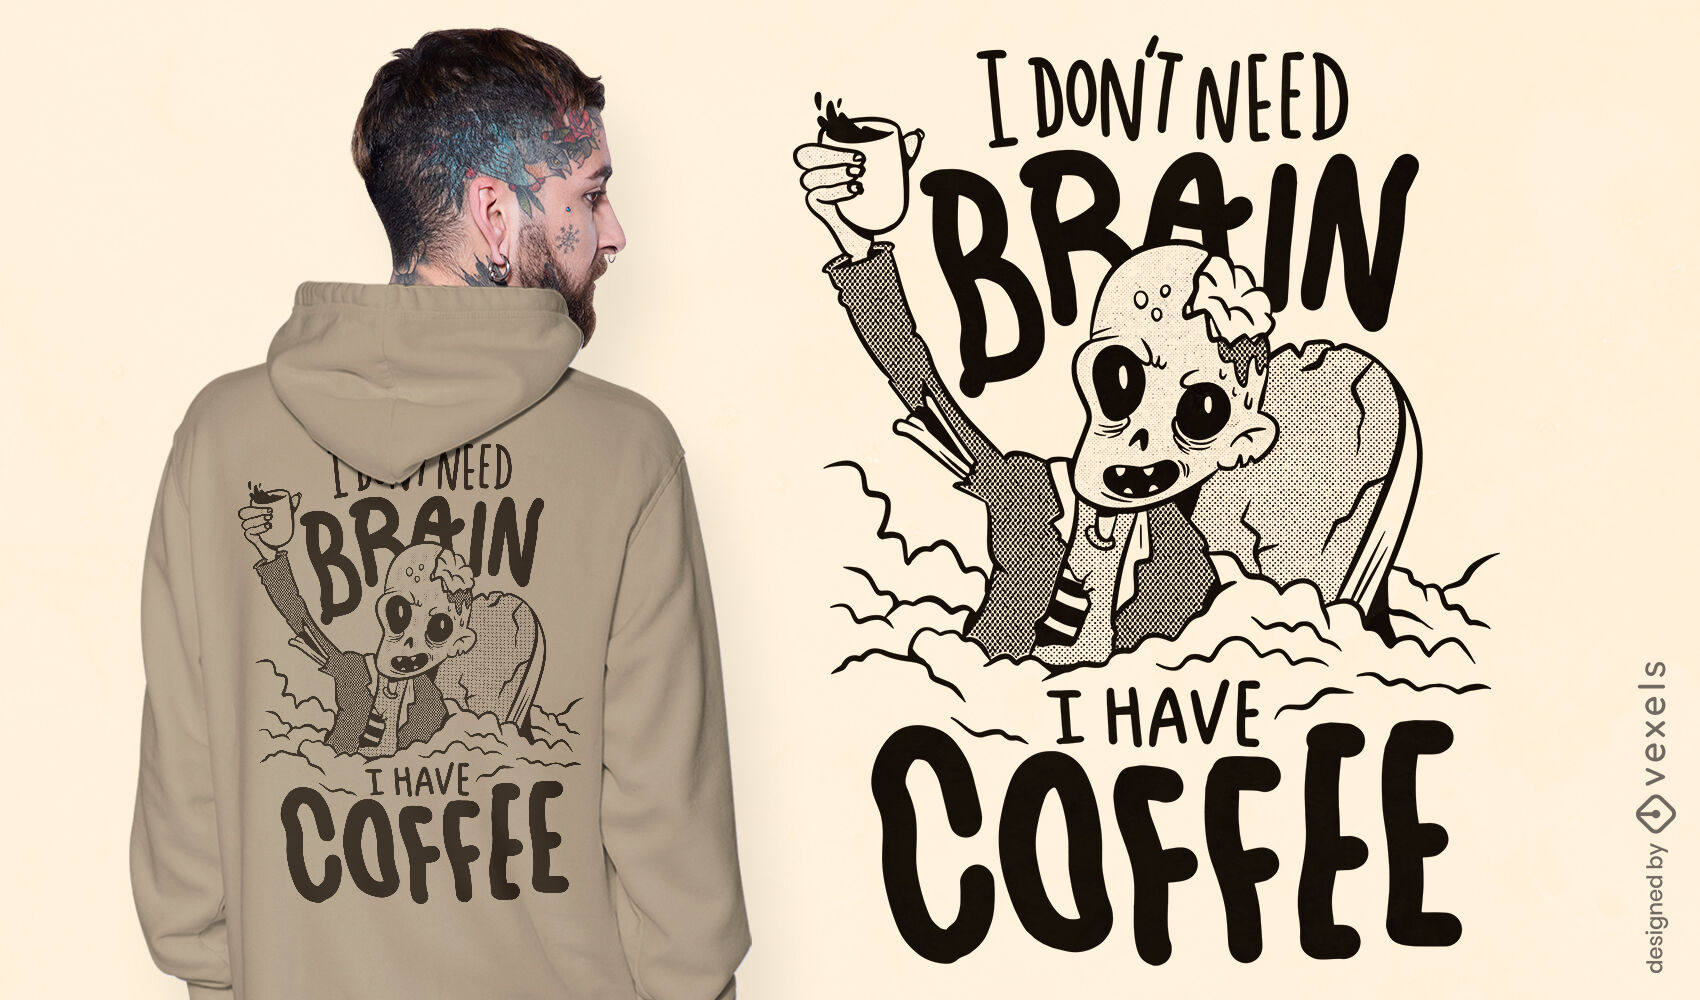 Dise?o de camiseta de zombie sin cerebro en caf?